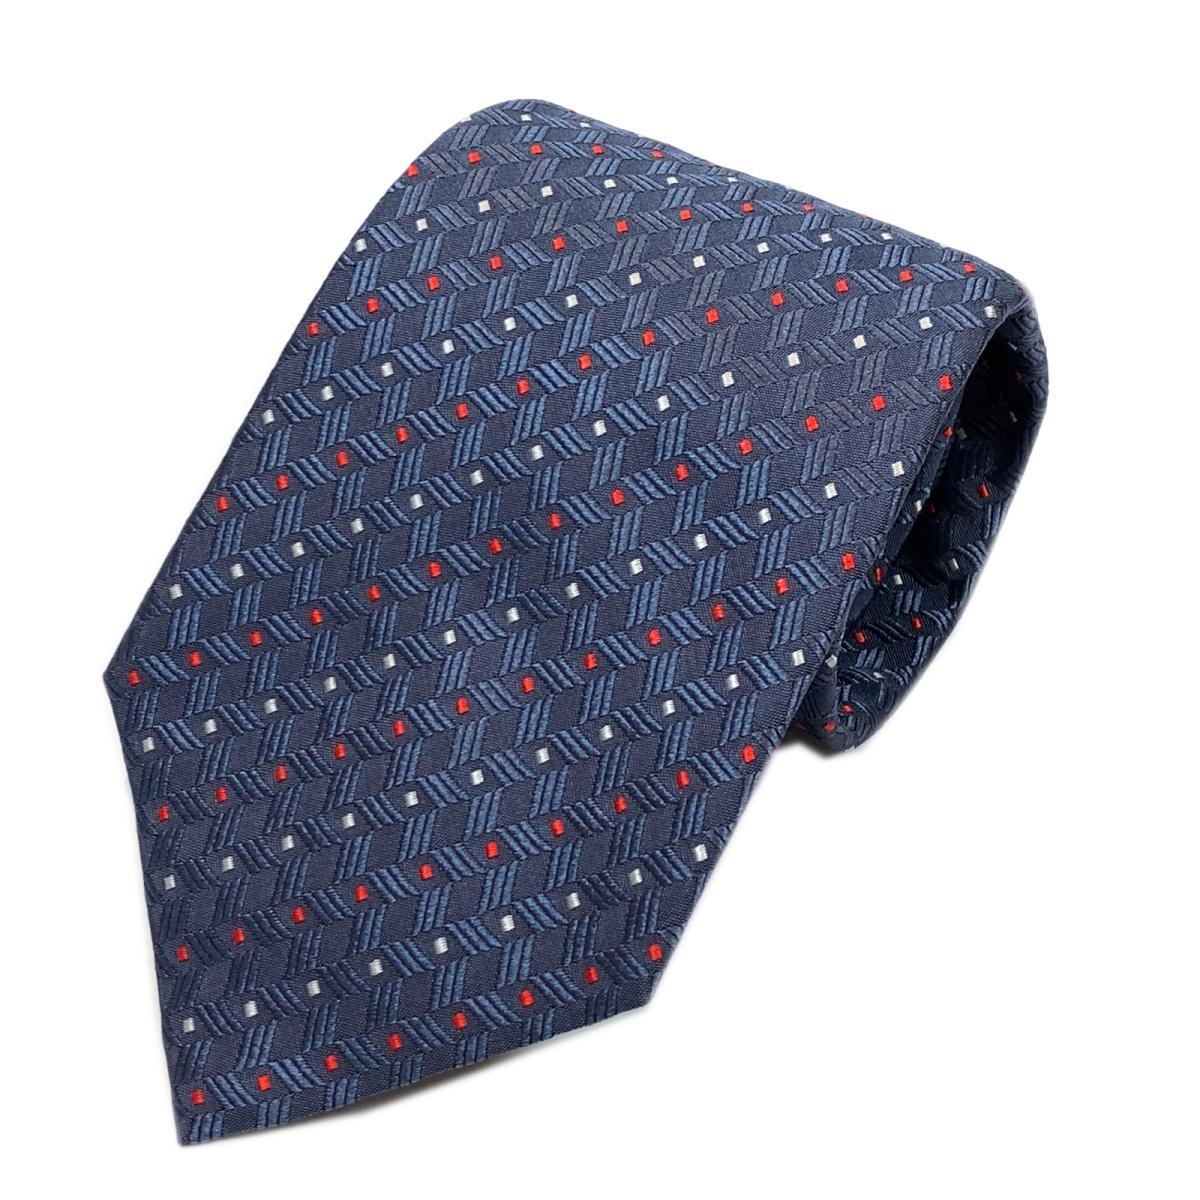 エンポリオアルマーニ ネクタイ 衣料品 メンズ シルク ネイビー | EMPORIO ARMANI BRANDOFF ブランドオフ ブランド スーツ